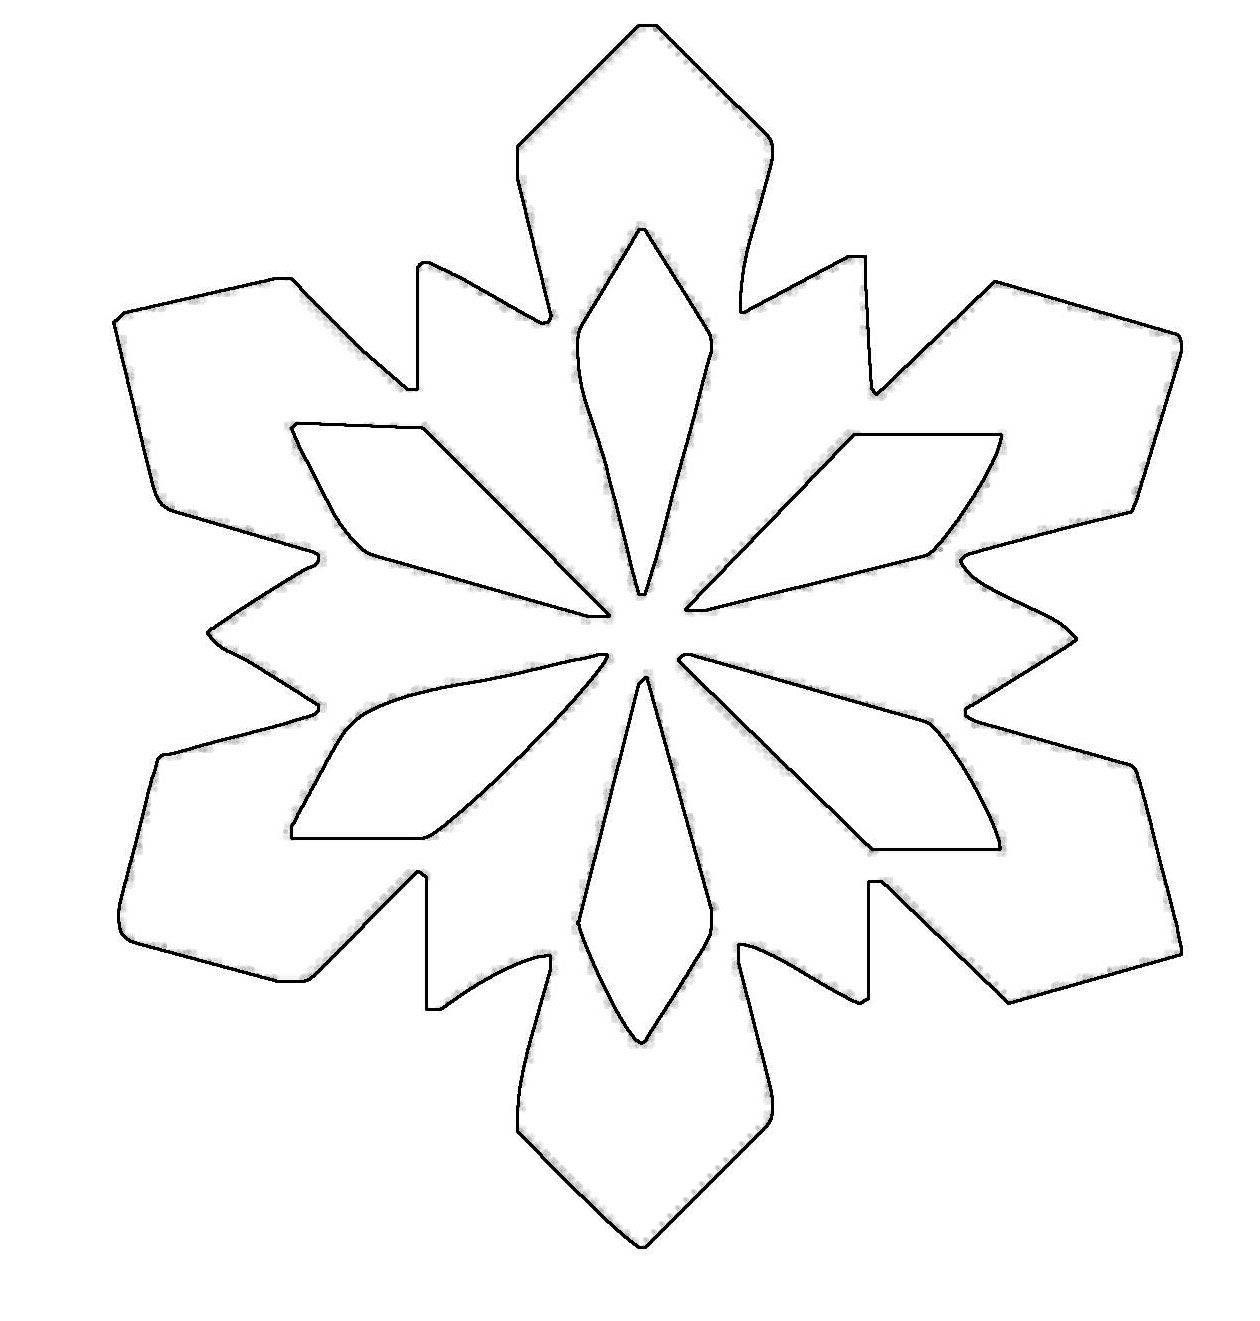 Simple snowflake patterns ausmalbild schneeflocken und - Ausmalbild stern ...